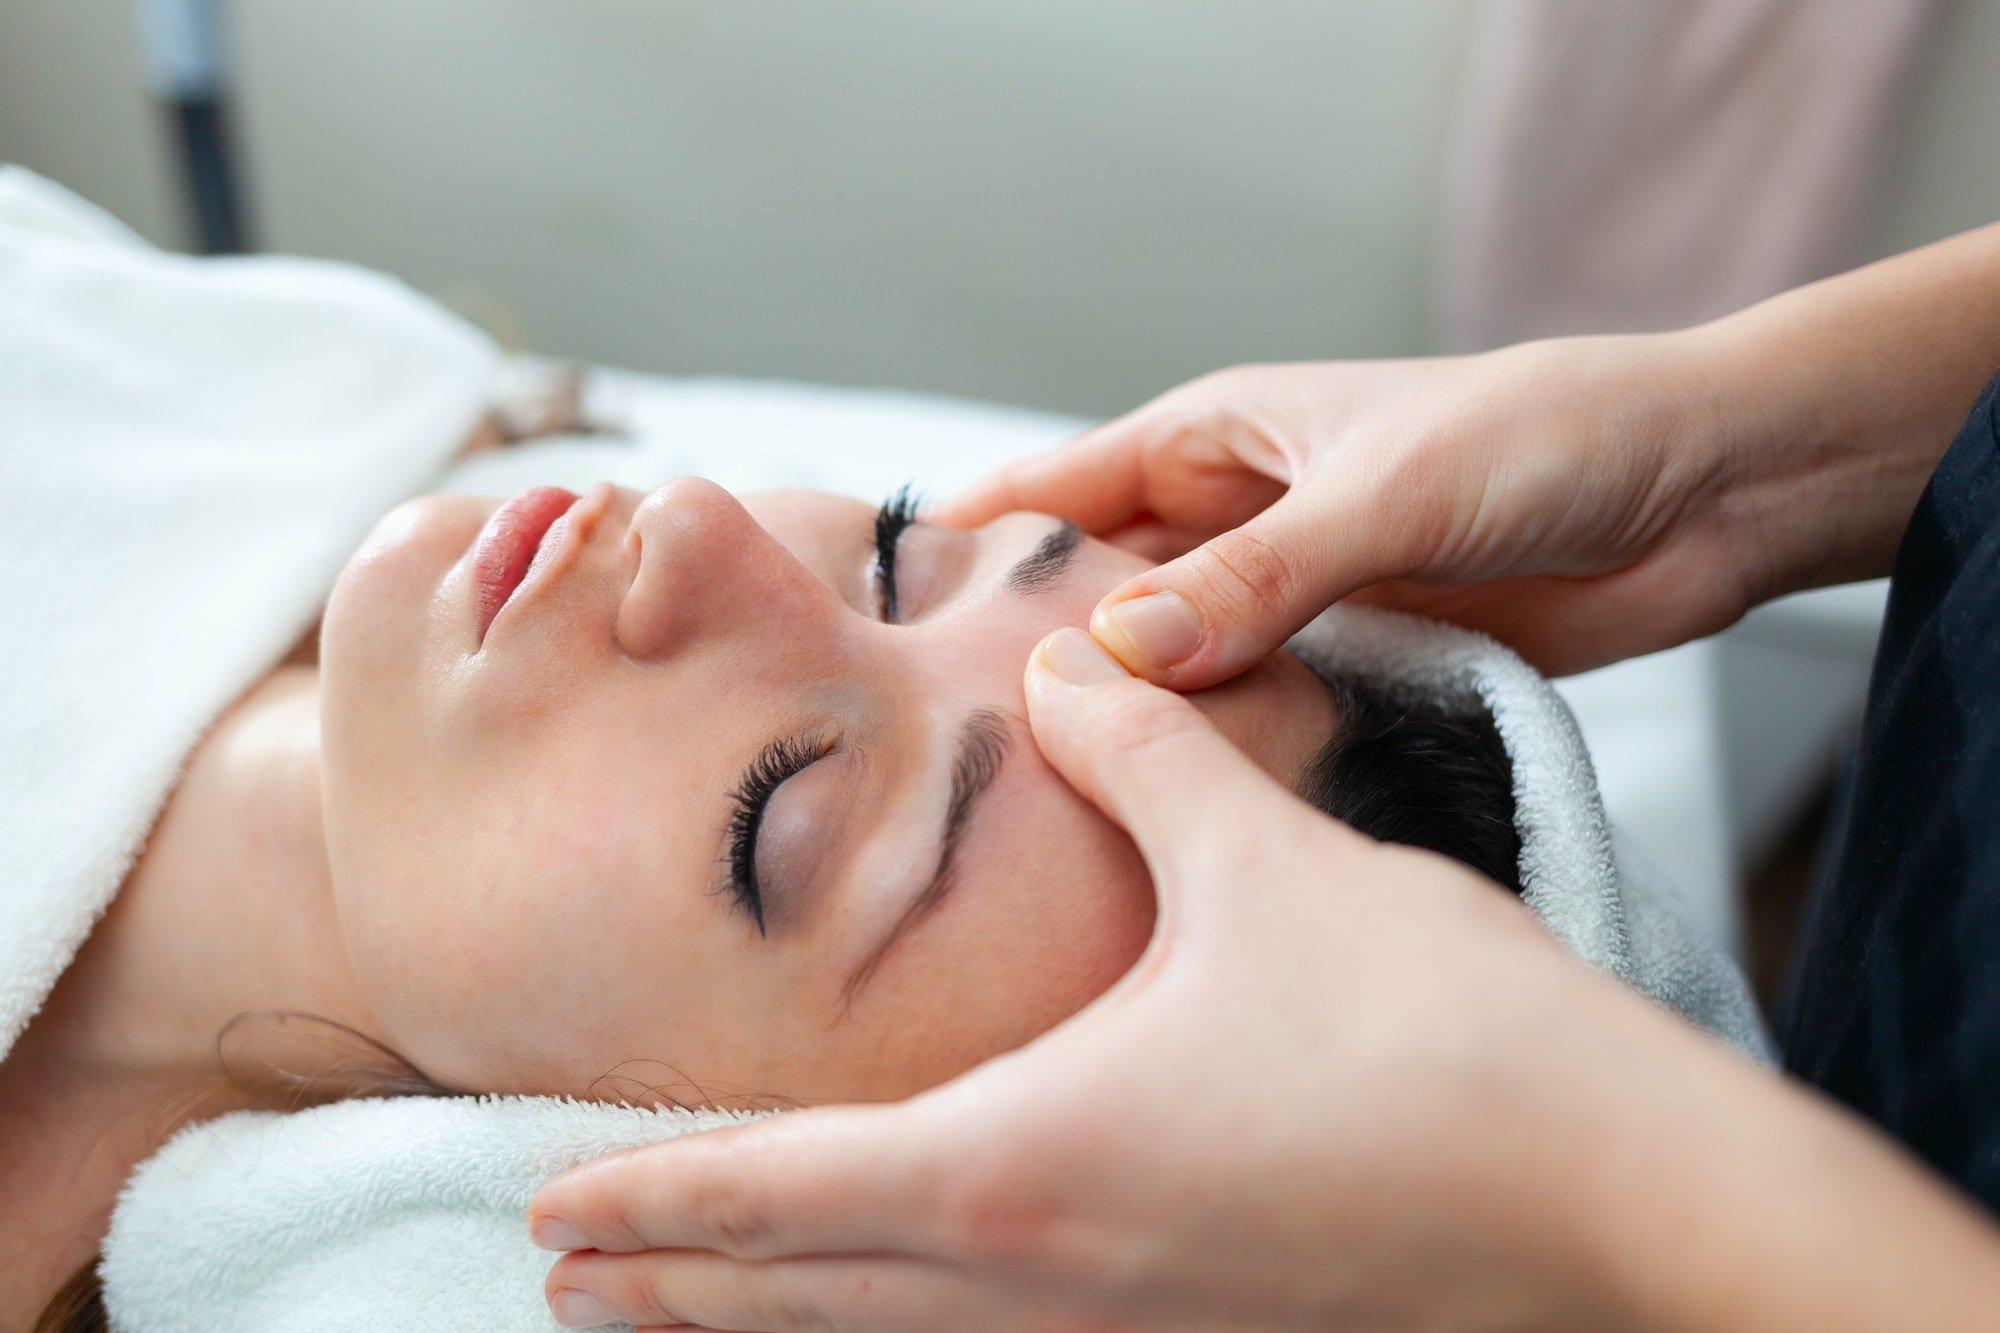 Facial massage at spa.